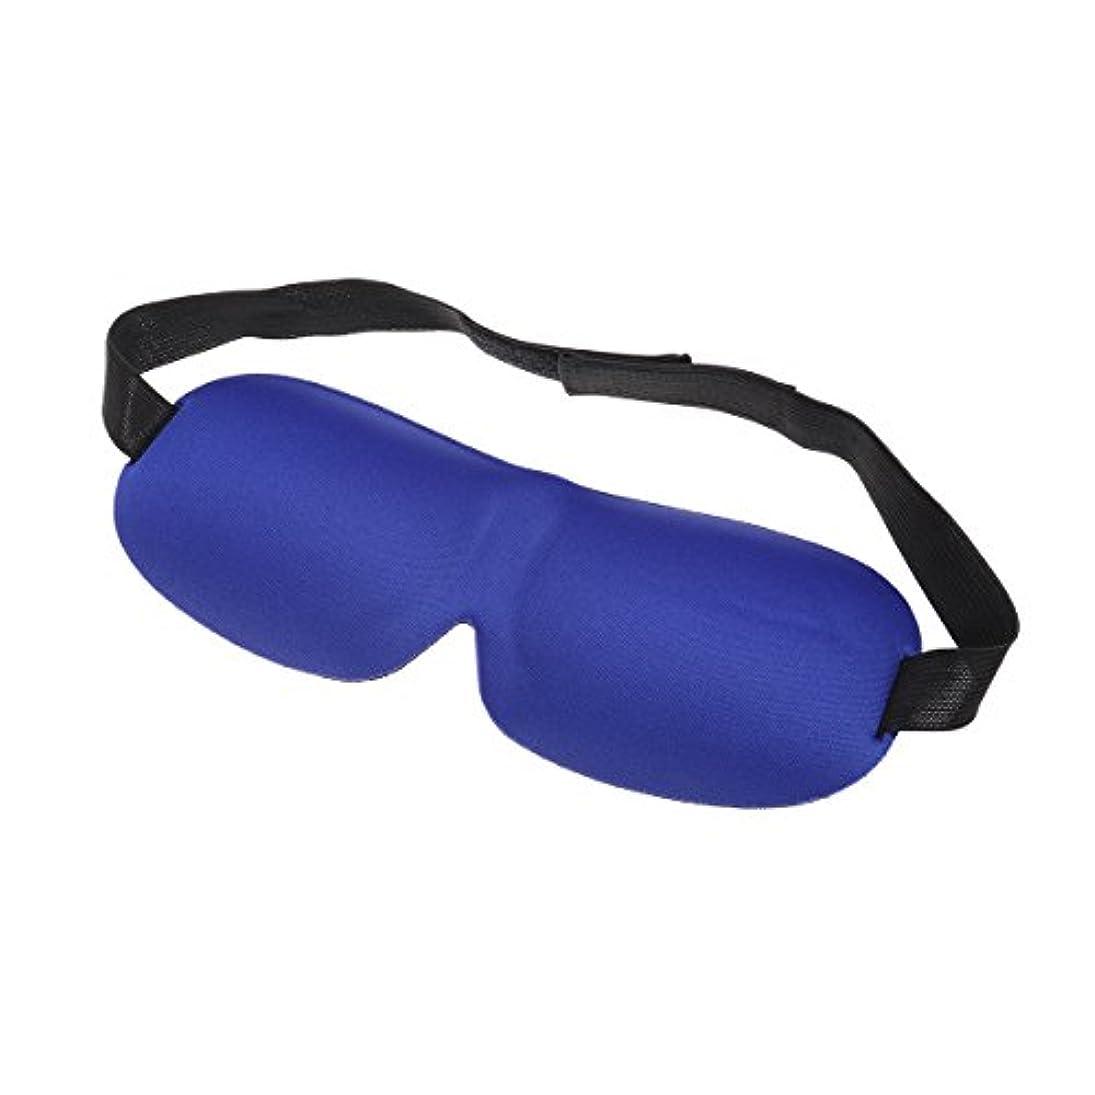 一部指令電報ROSENICE アイマスク 遮光 睡眠 軽量 目隠し 圧迫感なし 調節可能 3D睡眠マスク(ブルー)